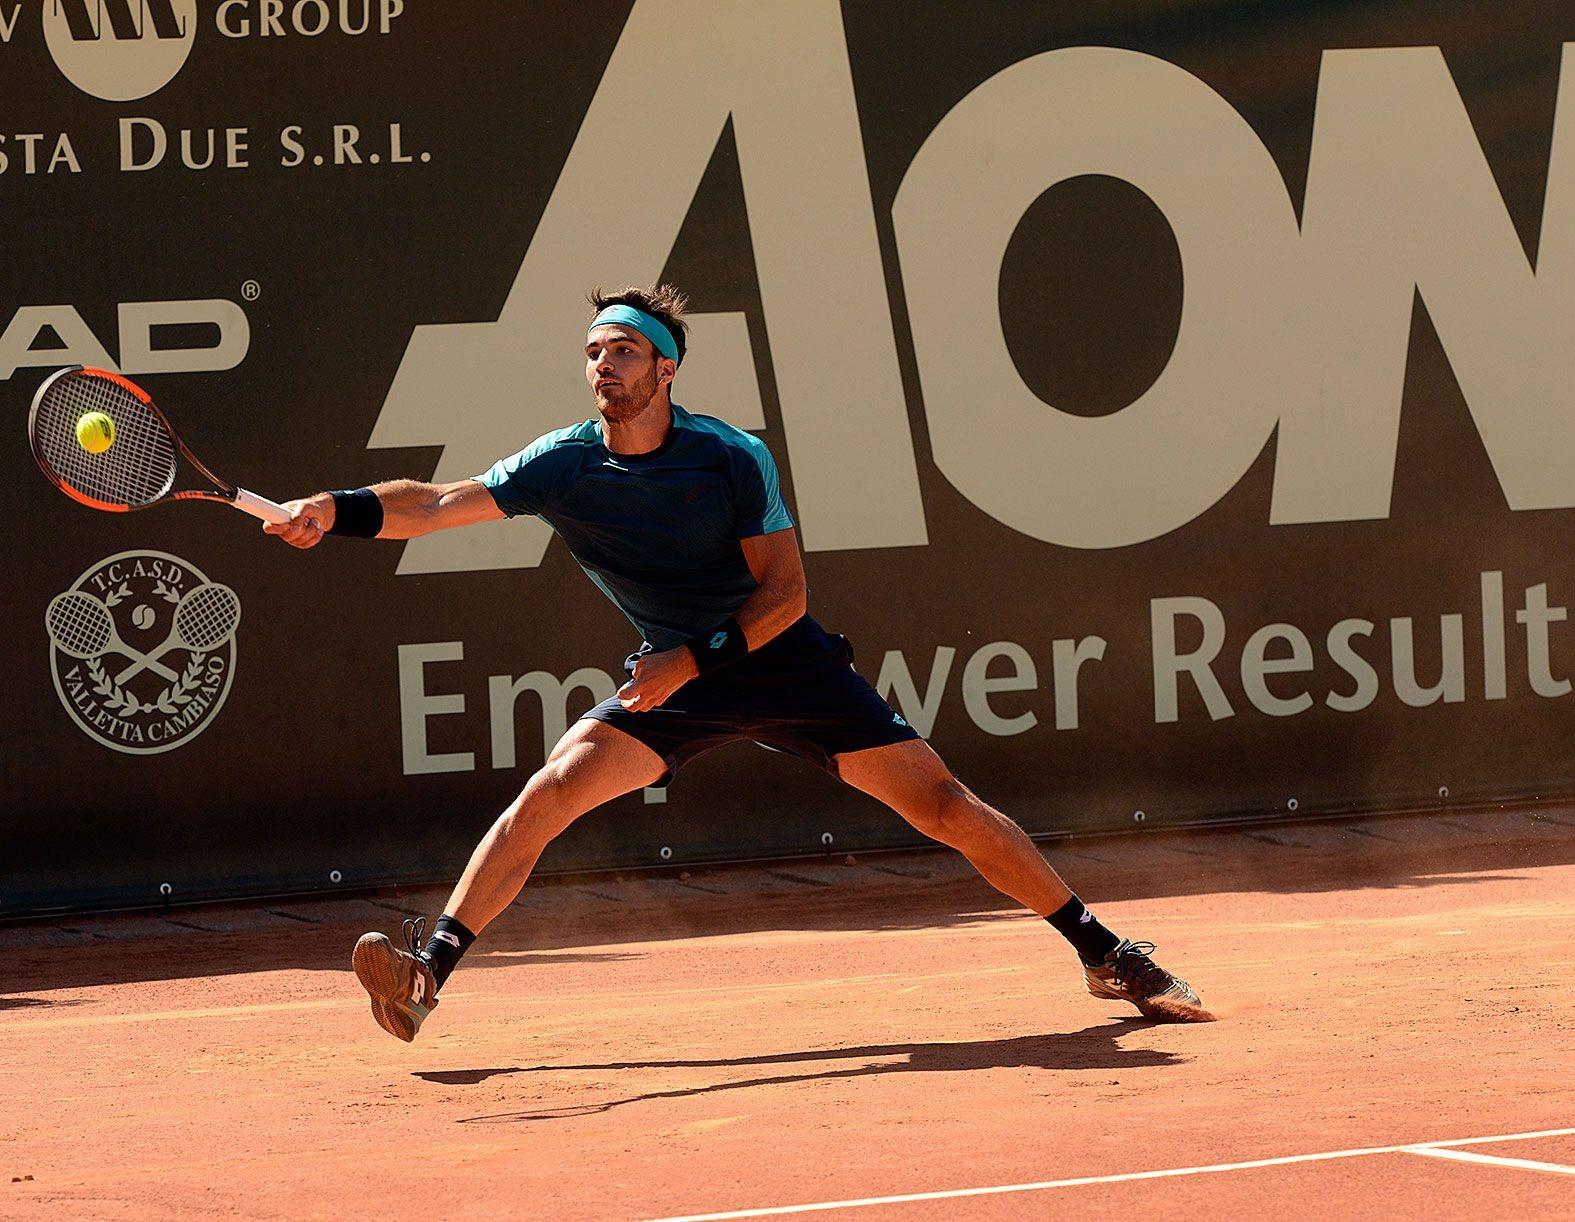 Jövőhéten indul a Székesfehérv Open tenisz bajnokság